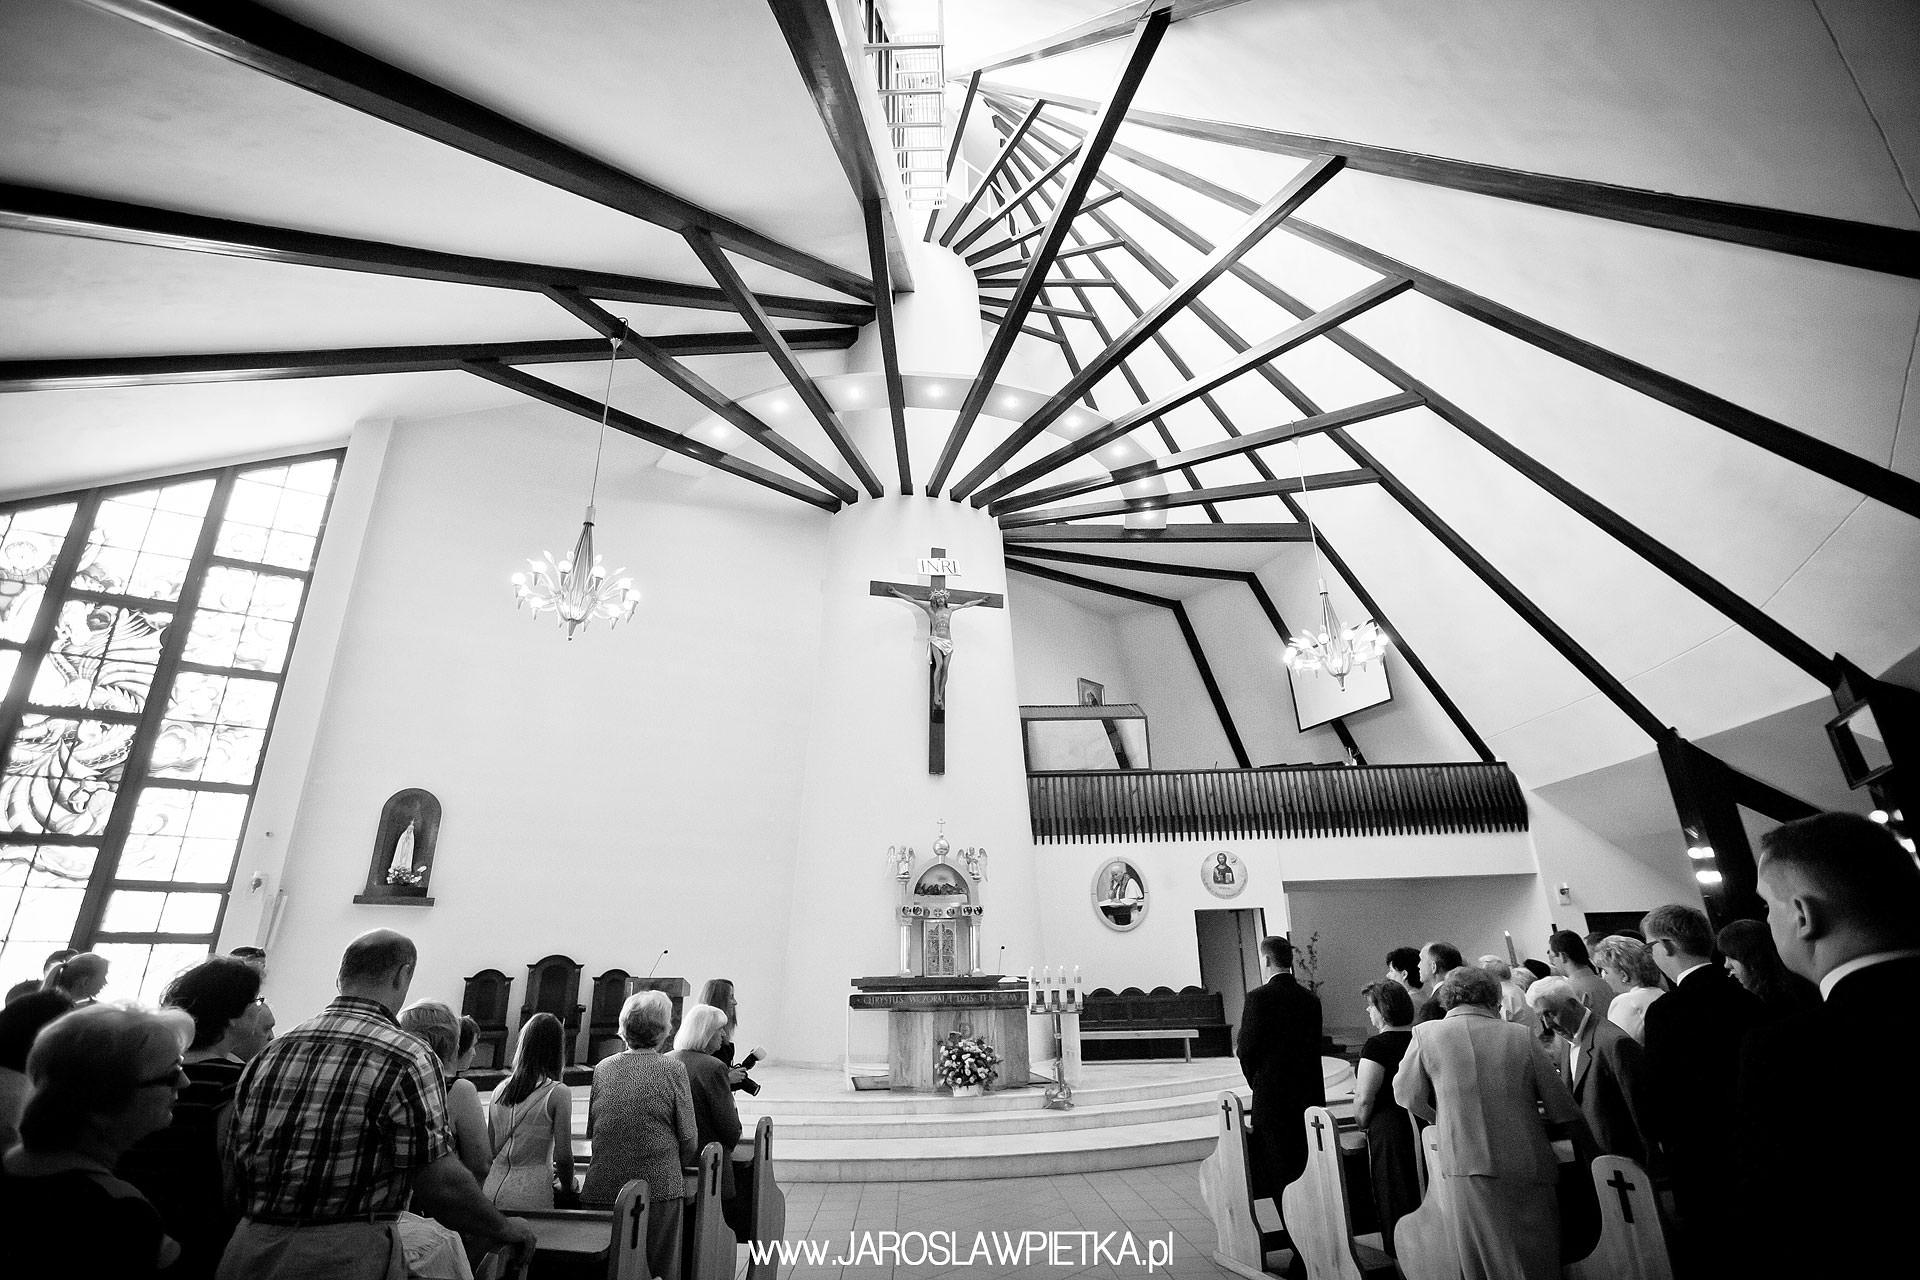 chrzest galeria zdjęć _ zdjęcia z chrztu świętego Warszawa, Zielonma, Wołomin, Wesoła